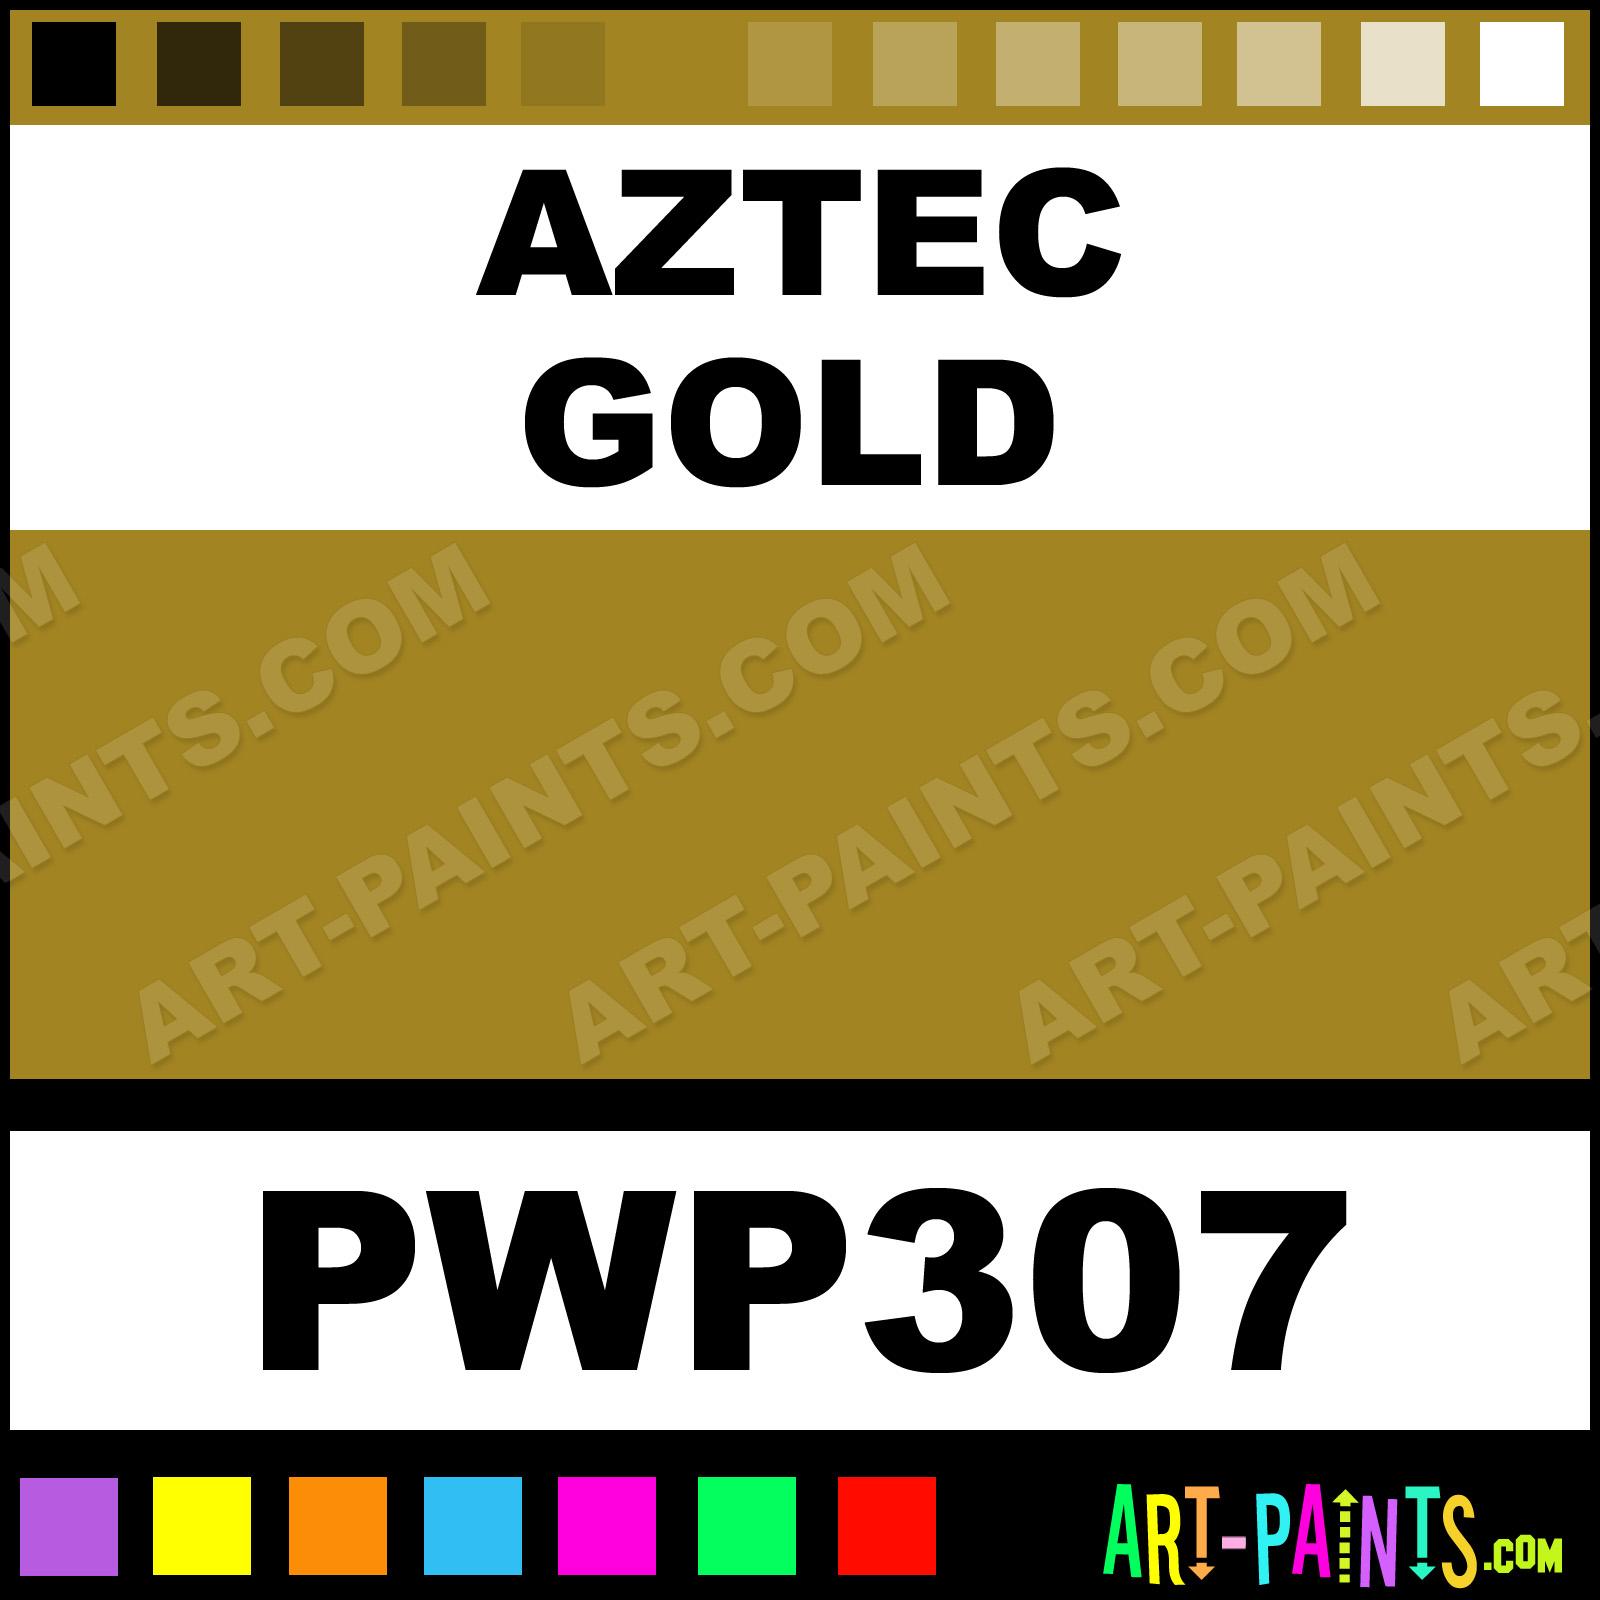 Gold Paint Colors Art Paints Com Featuring Gold